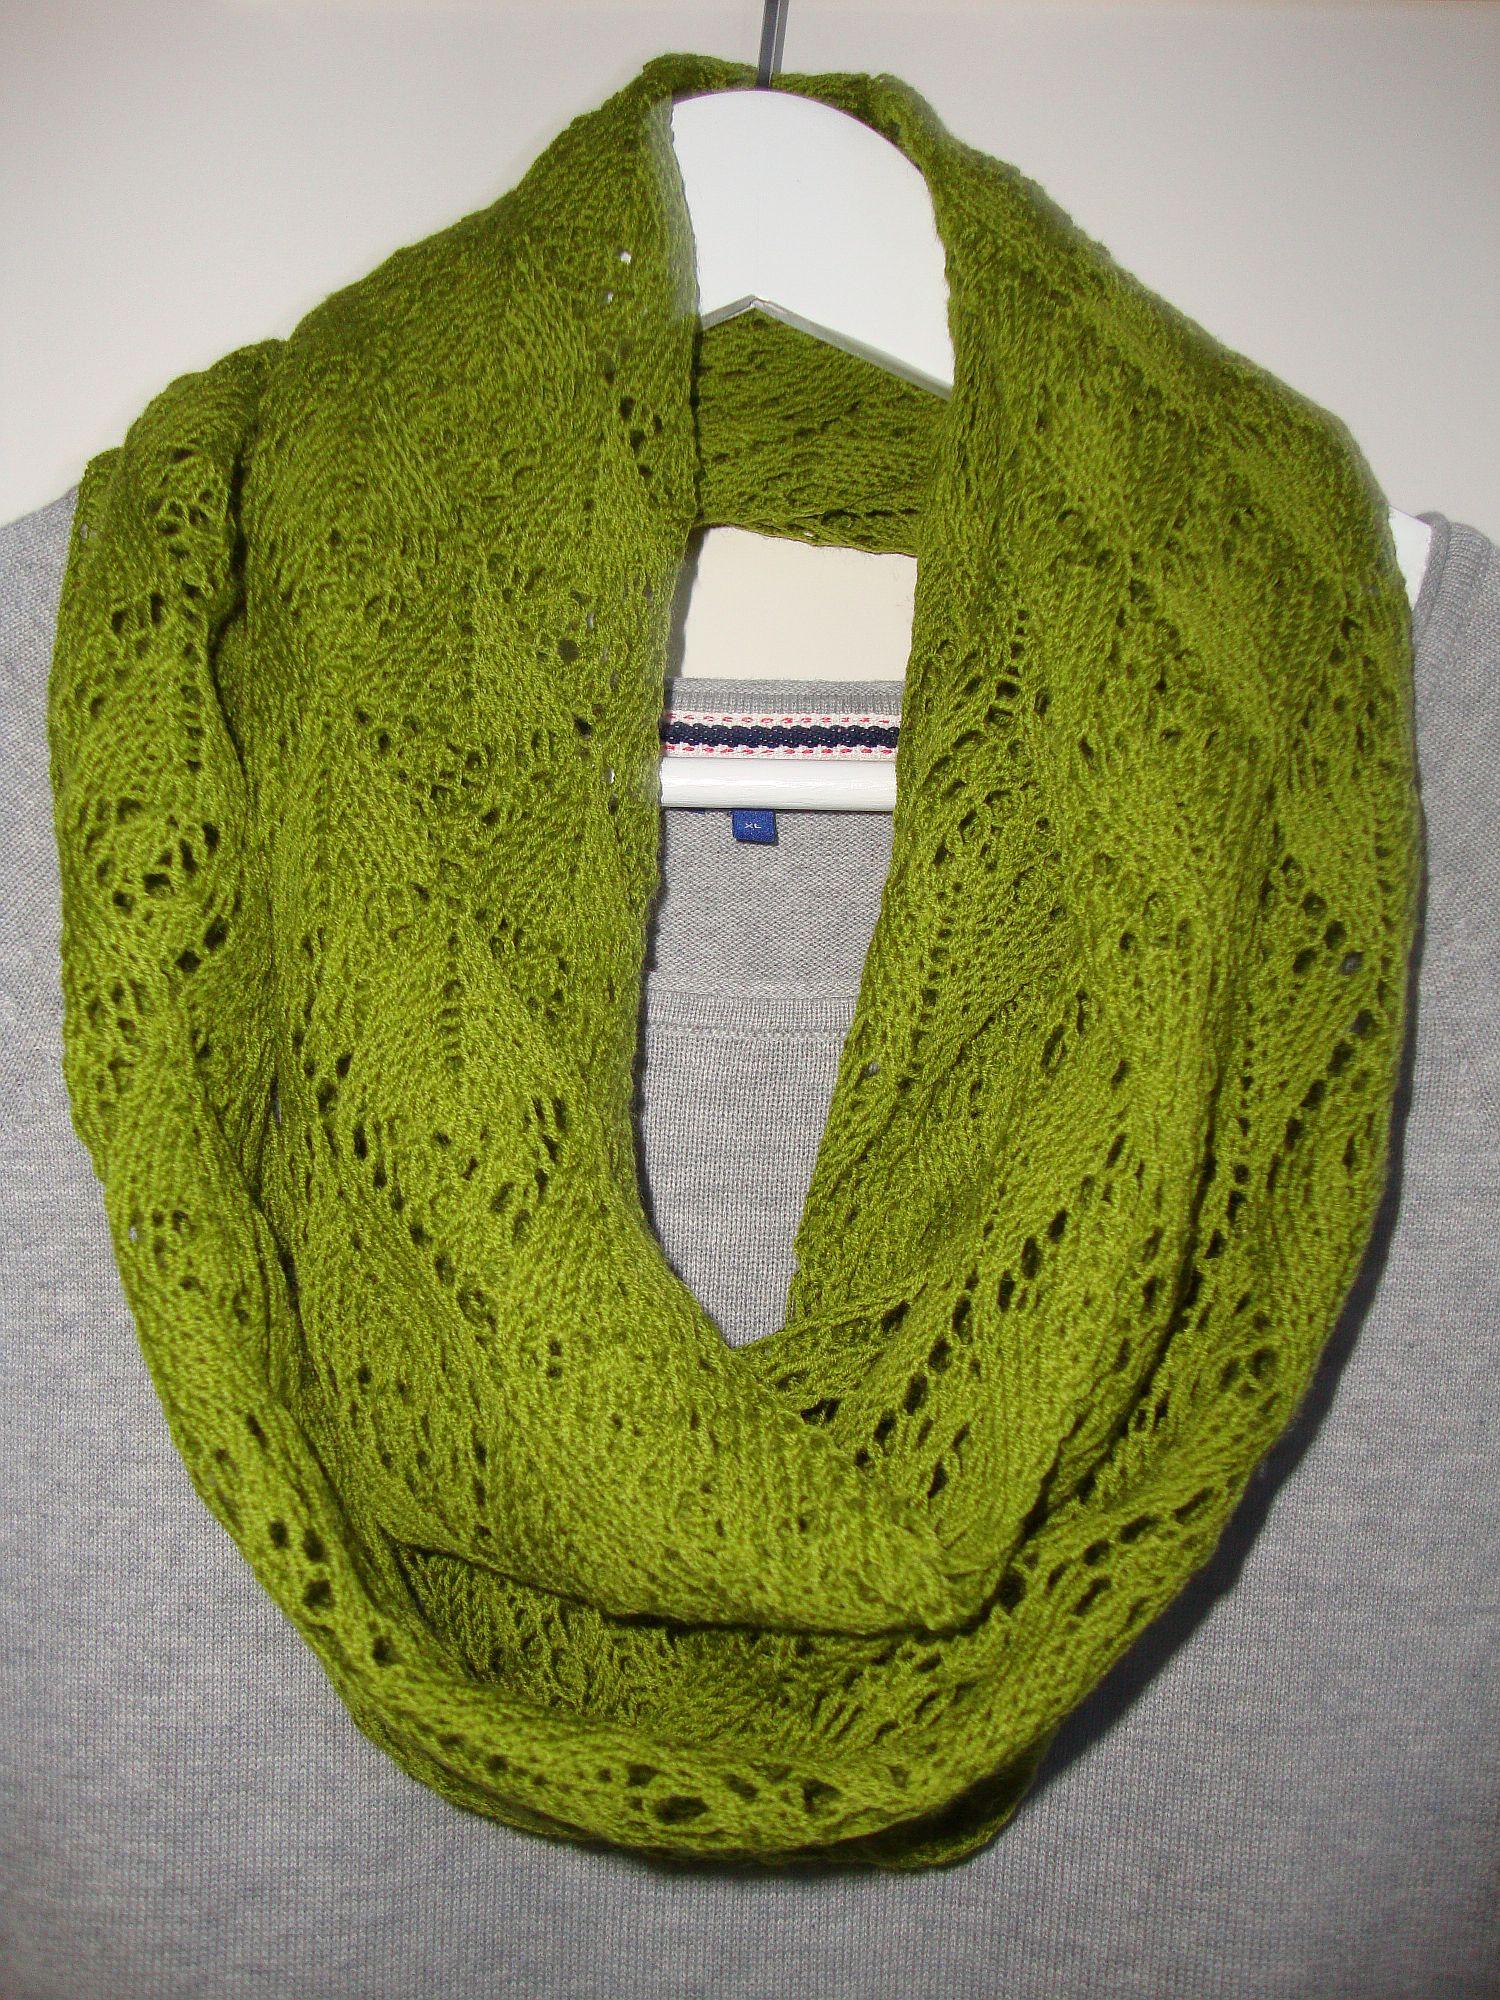 Lace Strickerei Aus Feiner Merino Wolle Arte P Strickblog